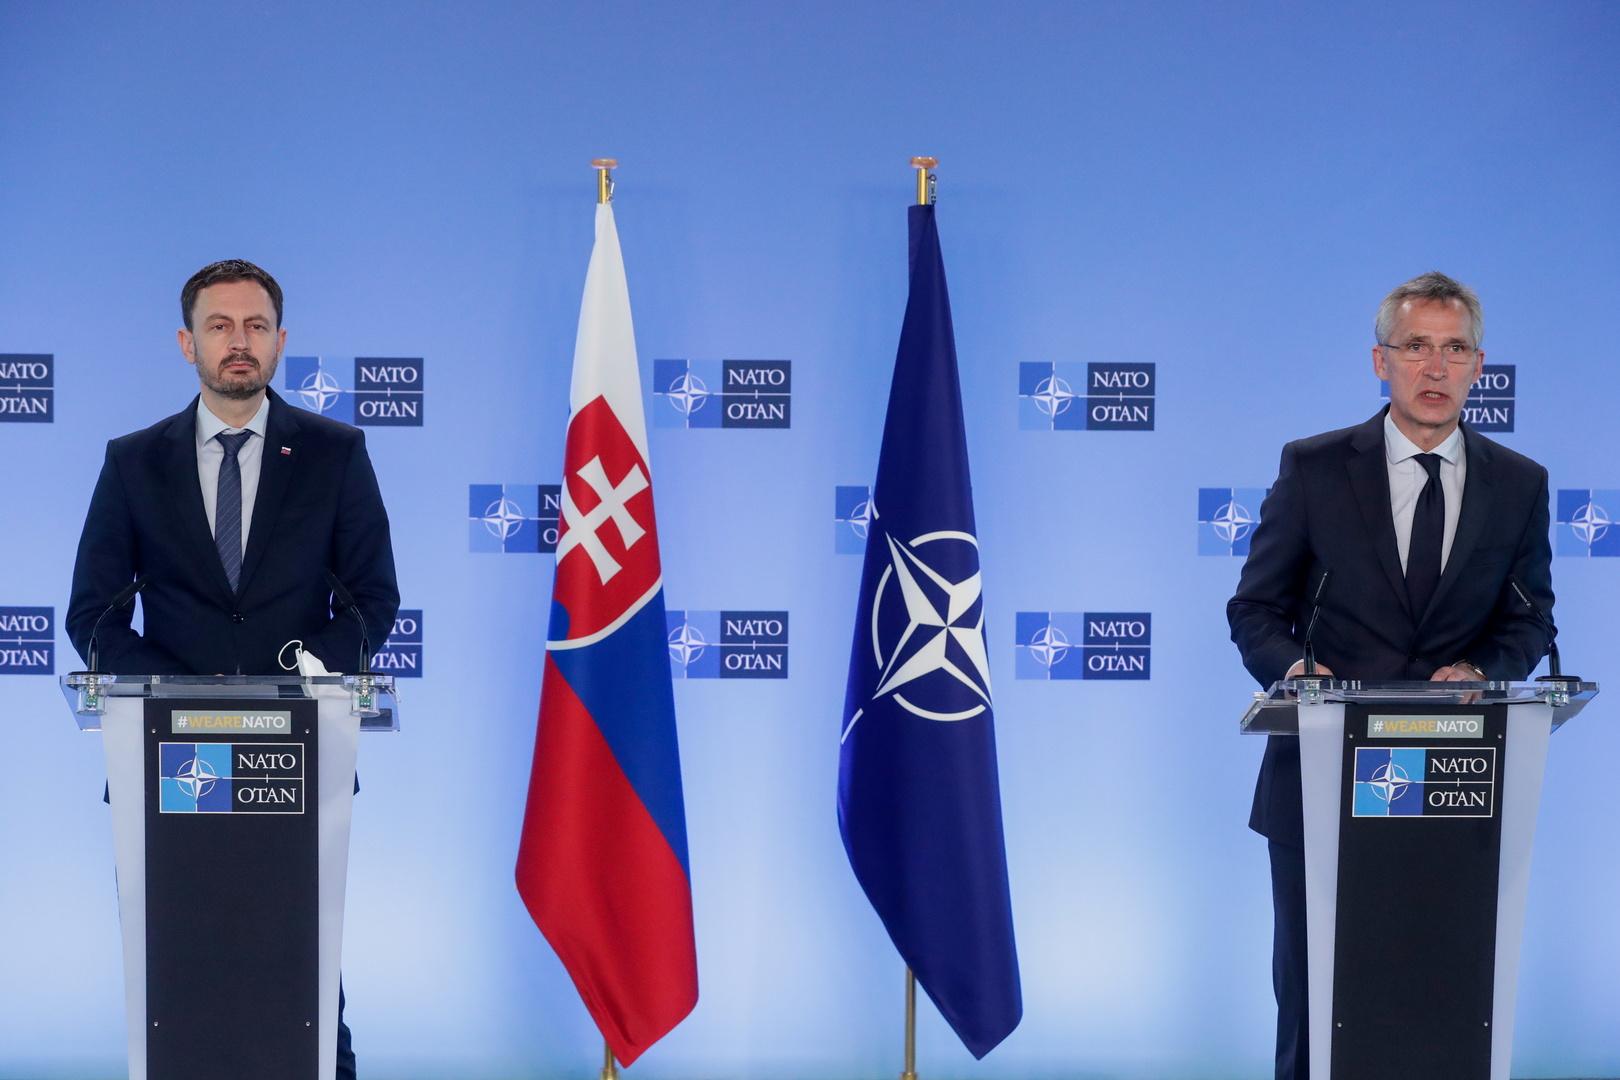 الأمين العام للناتو ينس ستولتنبيرغ ورئيس مقدونيا الشمالية ستيفو بنداروفسكي